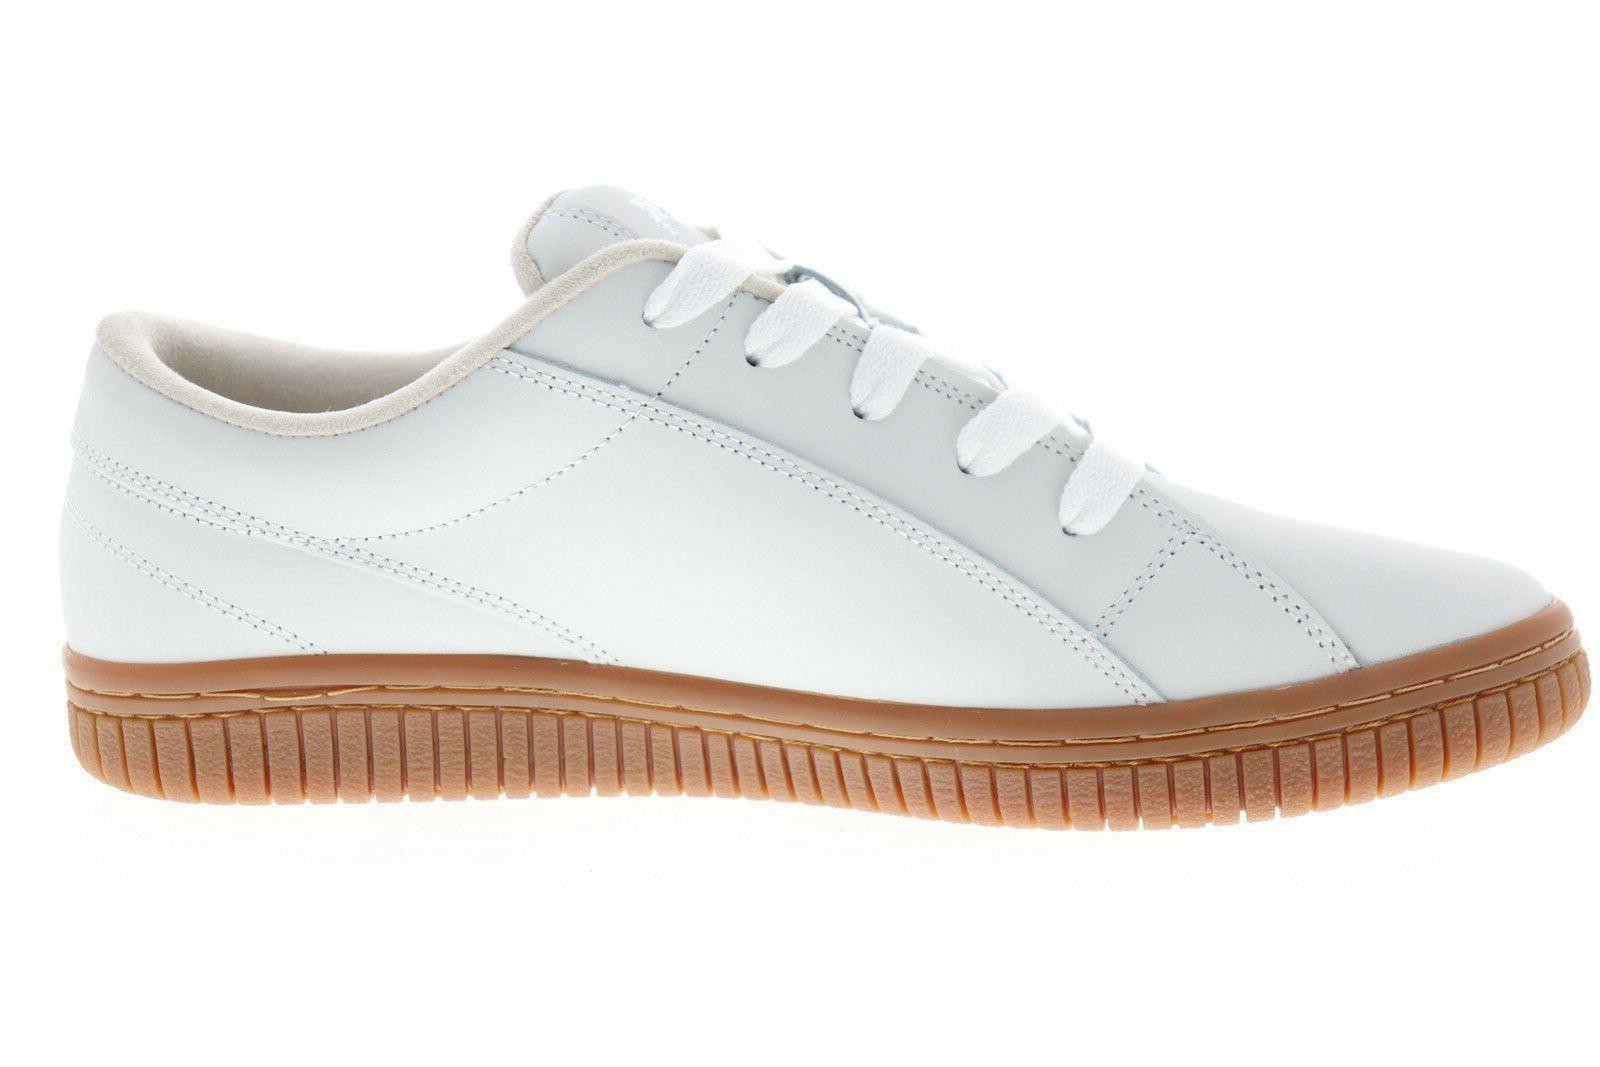 Airwalk The Gum Men's Size Shoes New